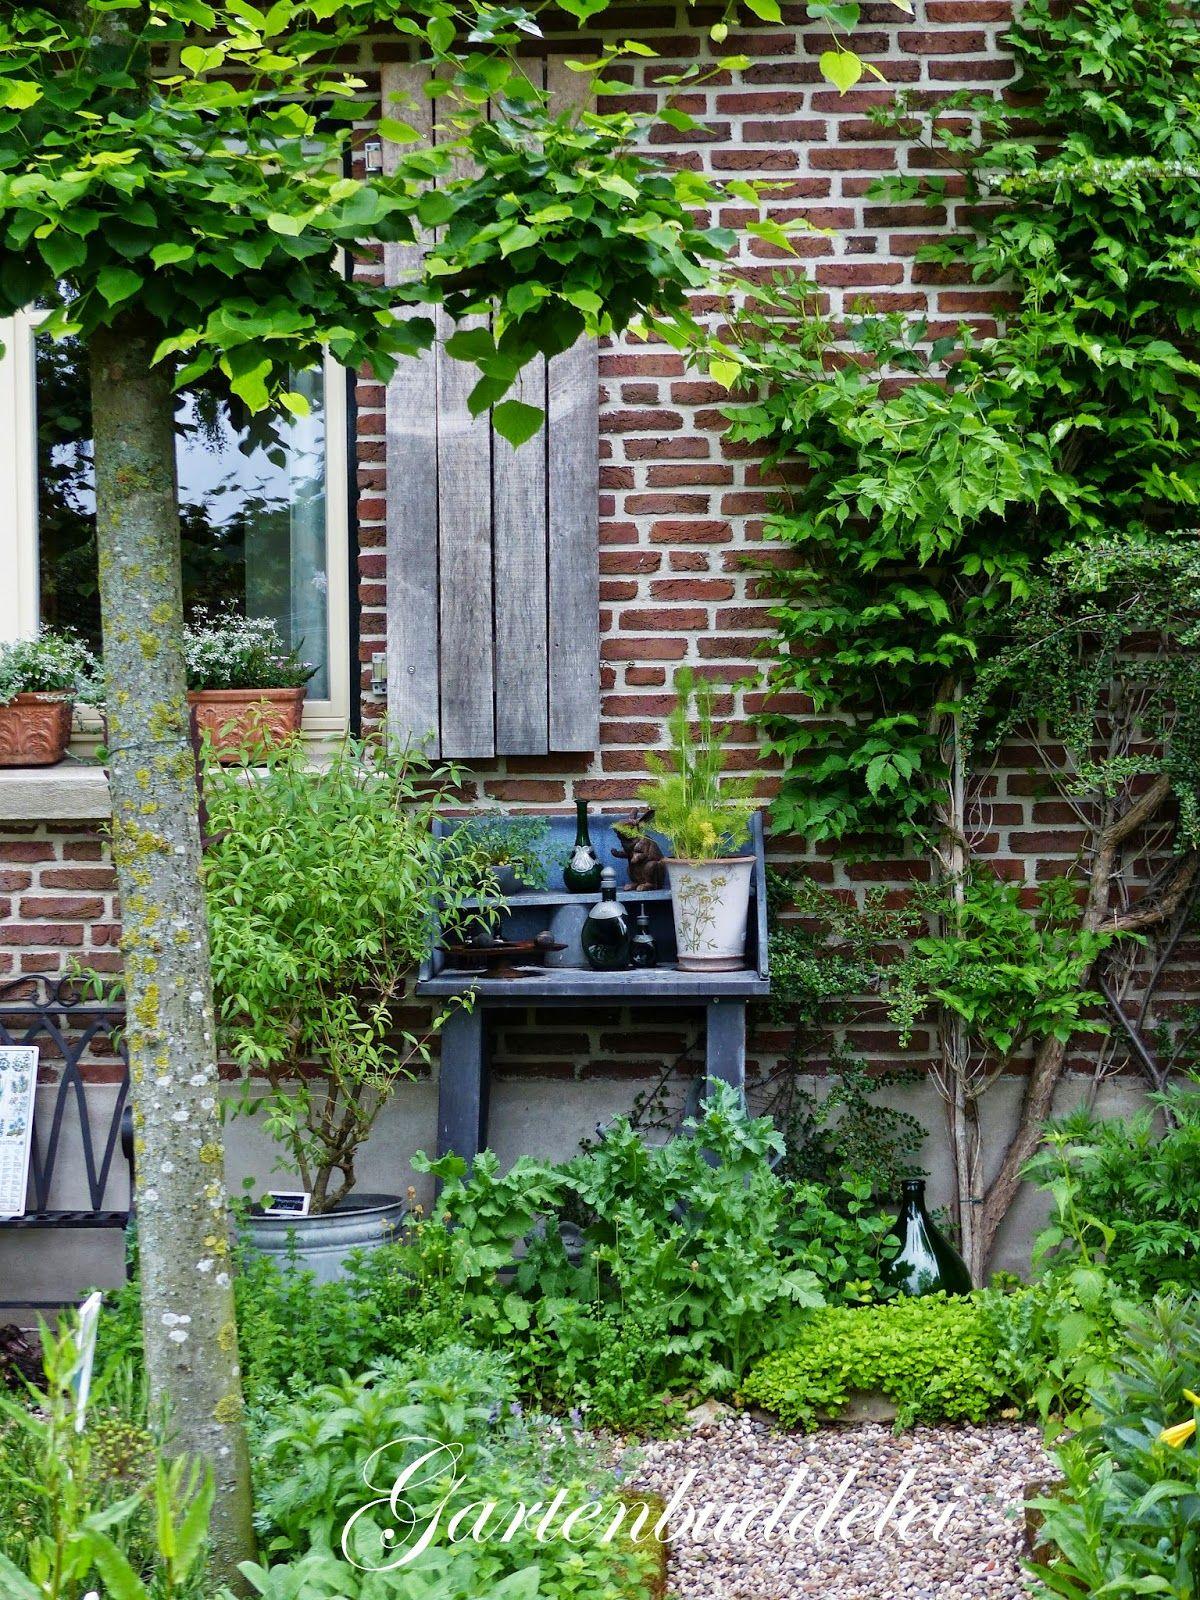 Gartenbuddelei 10jahriges Jubilaum Im Garten Picker Bauernhof Garten Garten Bauerngarten